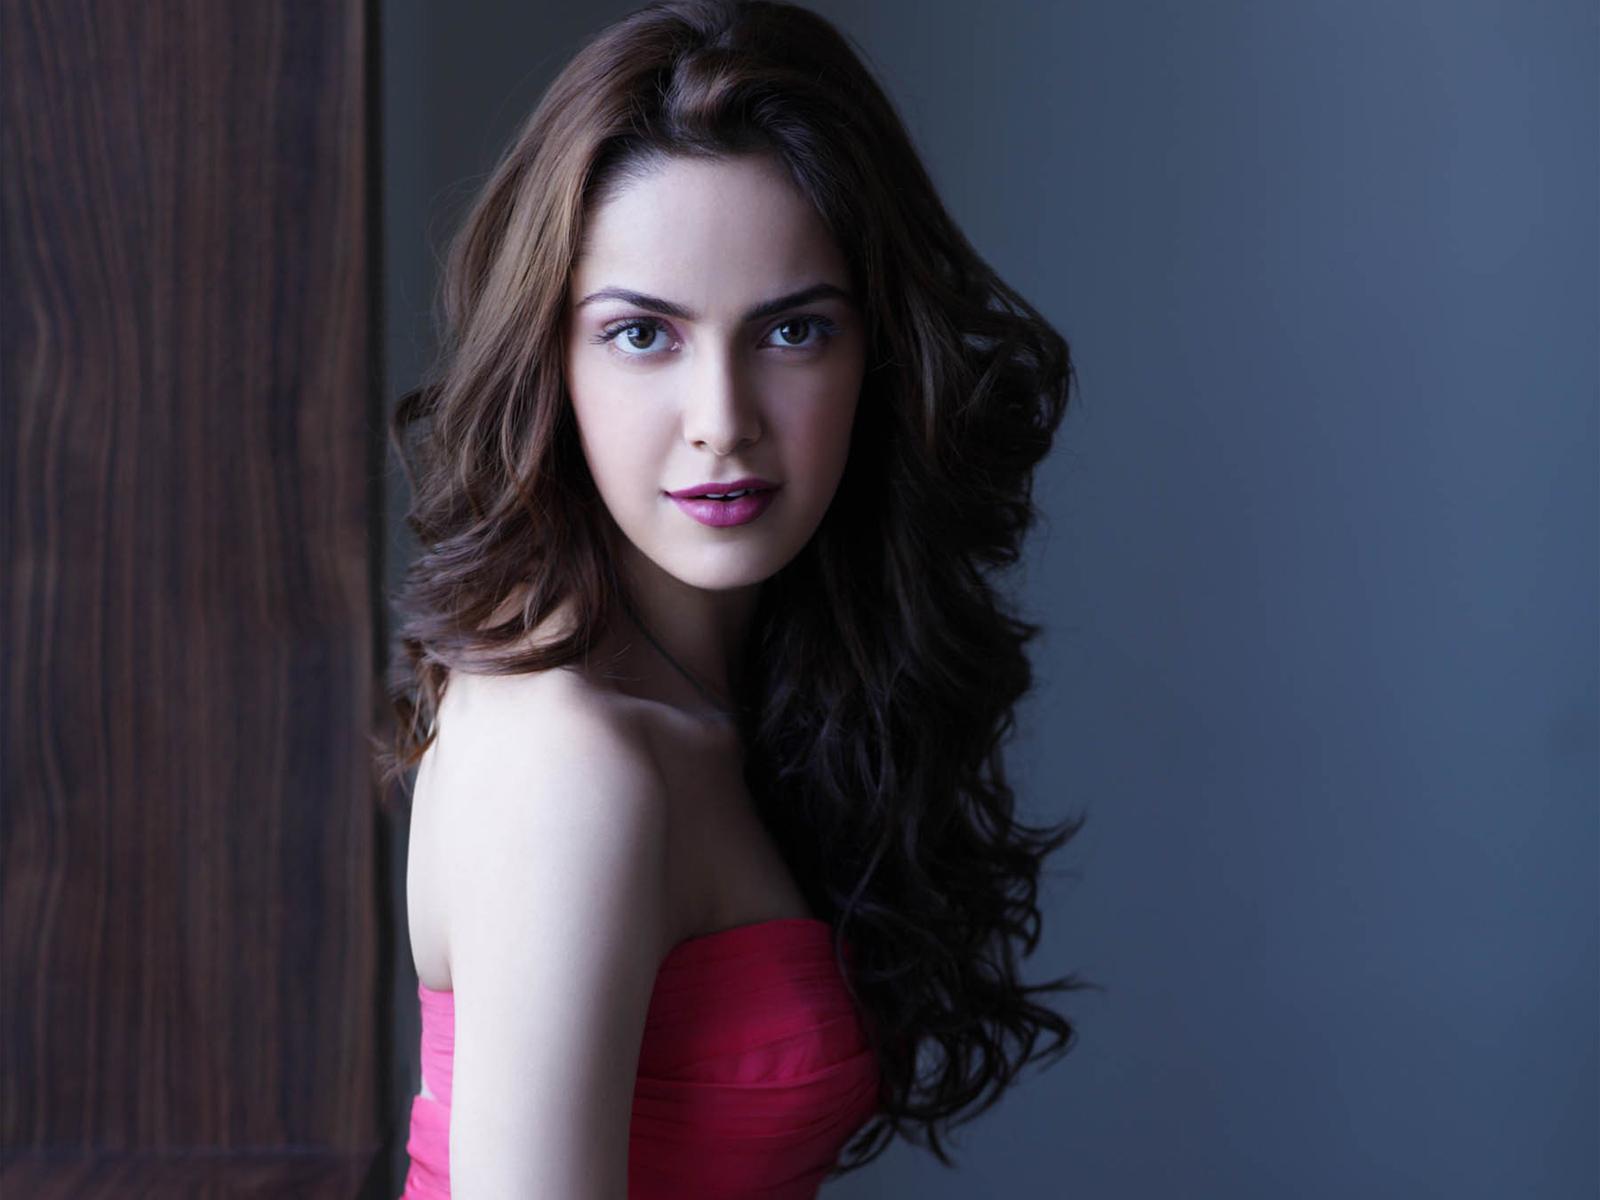 Indian Actress Shazahn Padamsee Wallpapers HD Wallpapers 1600x1200